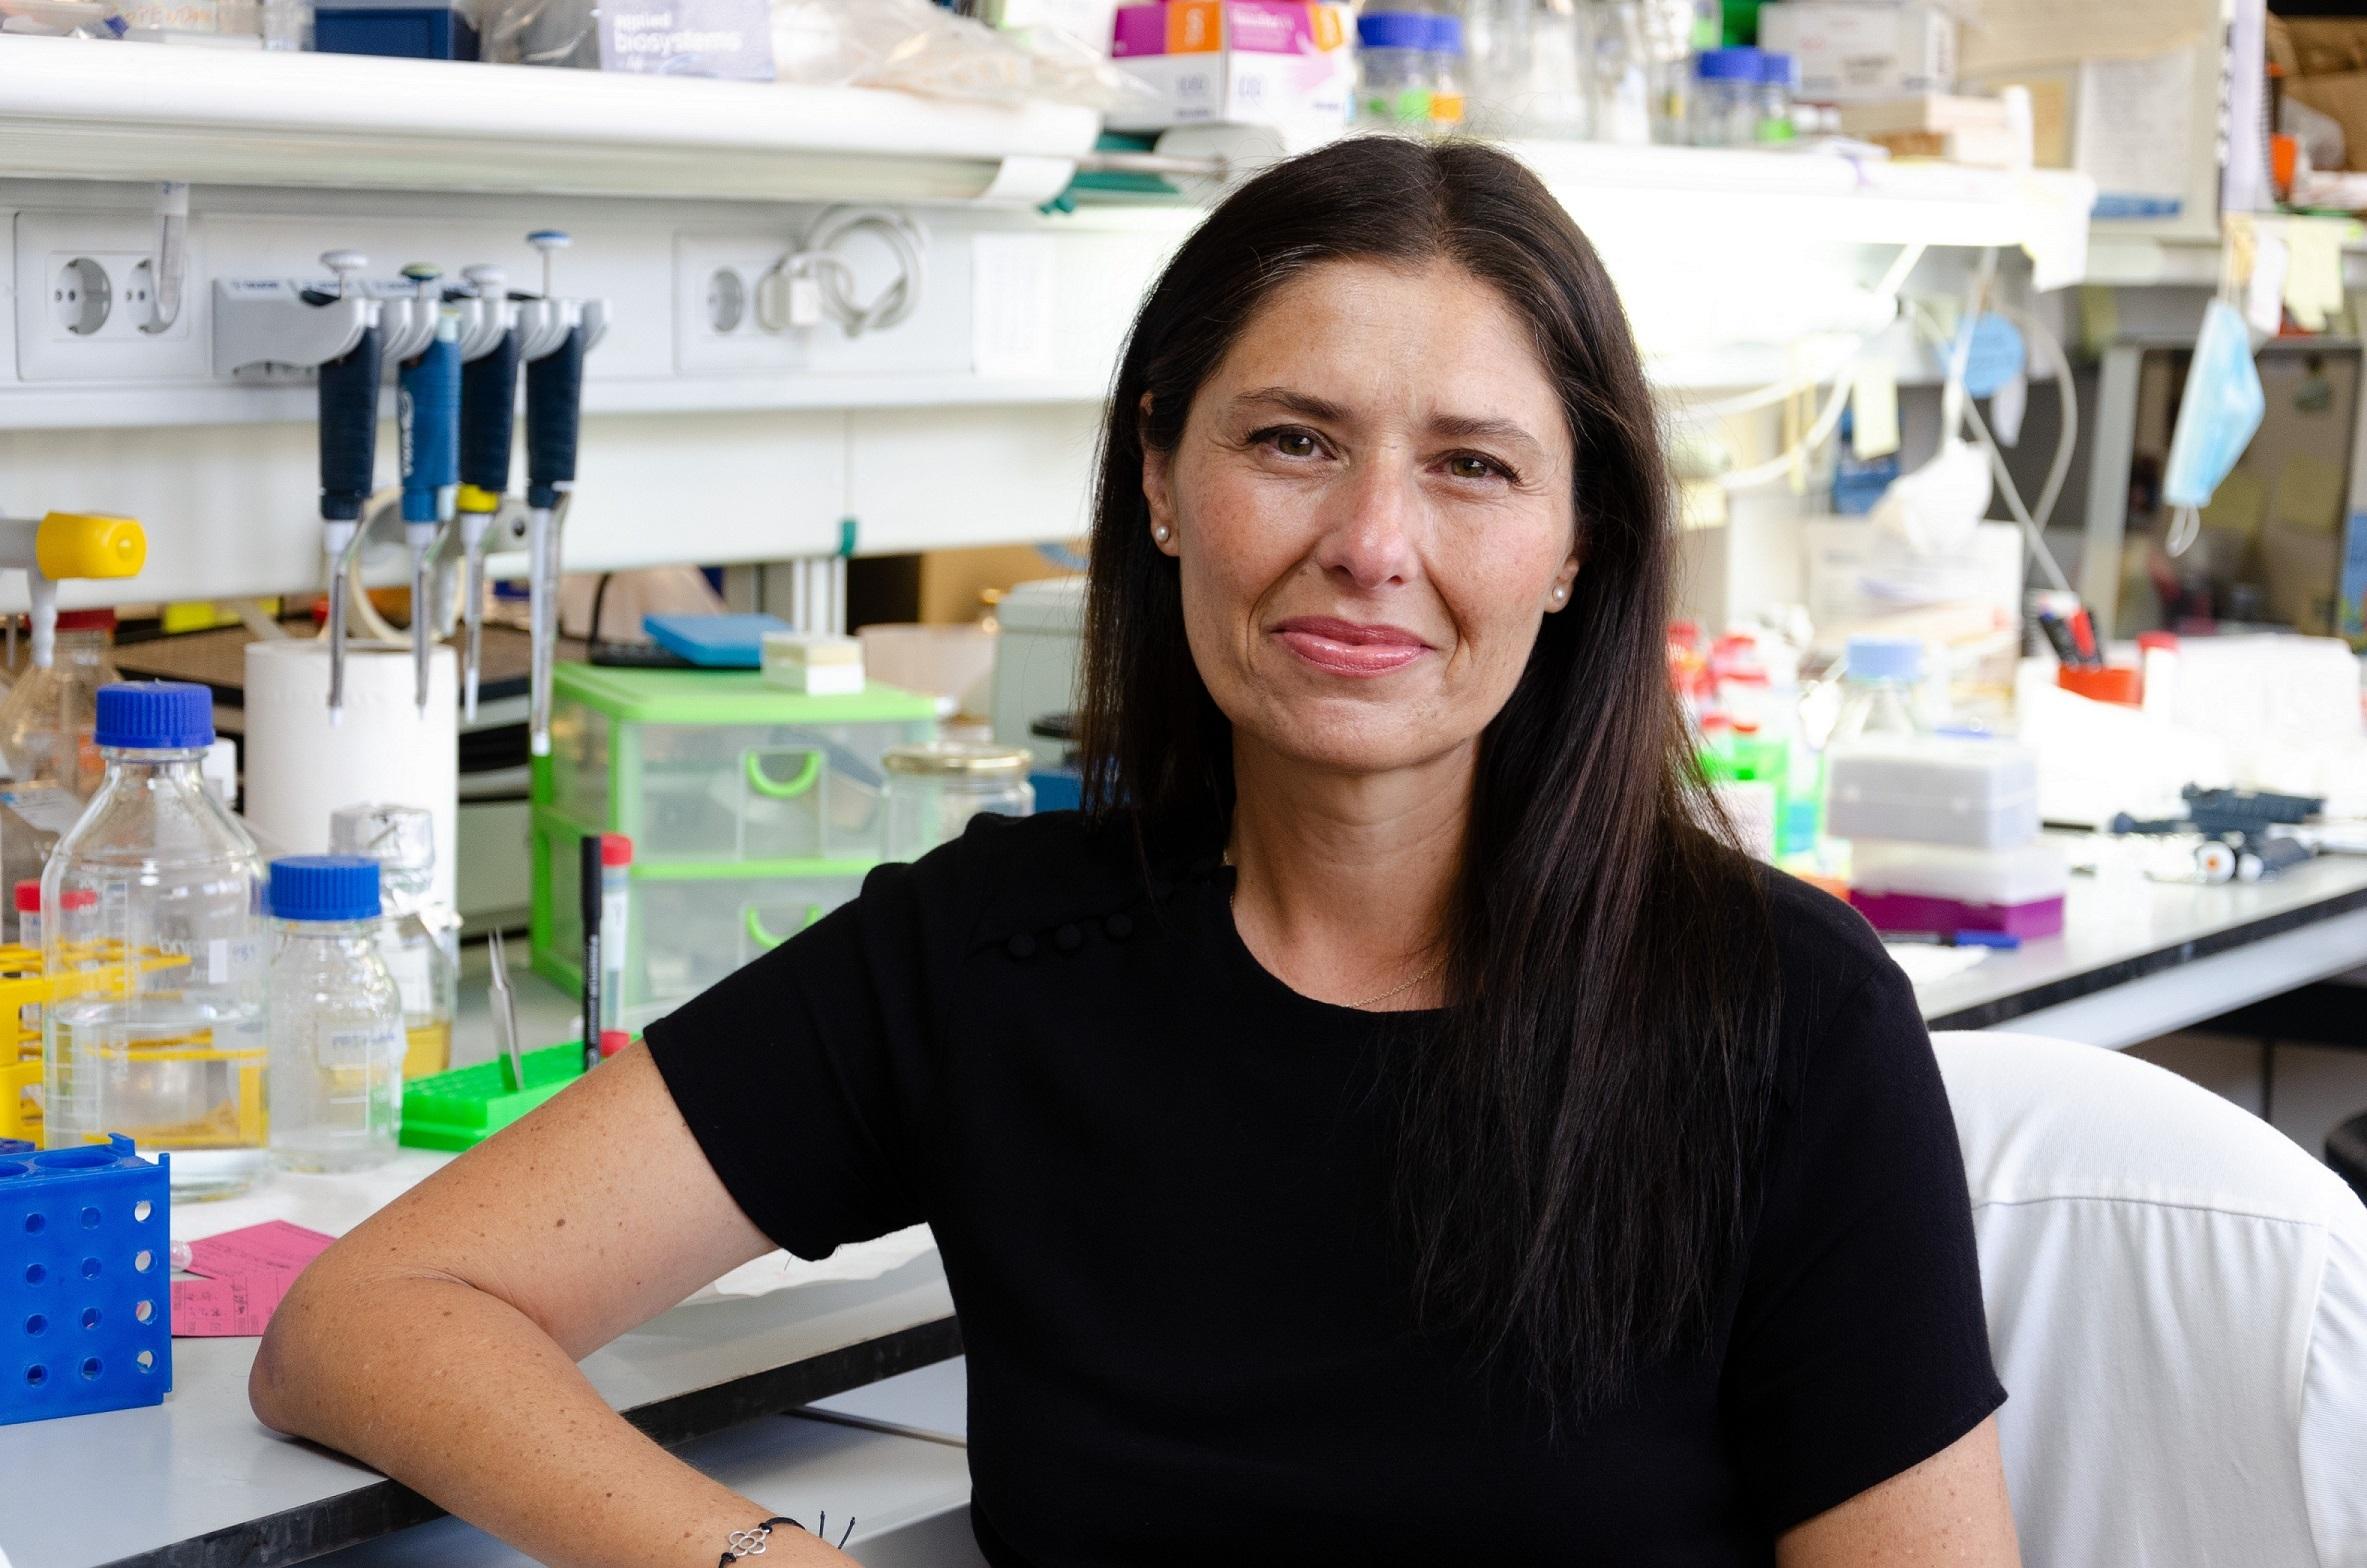 La investigadora Eloísa Herrera, del Instituto de Neurociencias de Alicante-CSIC.